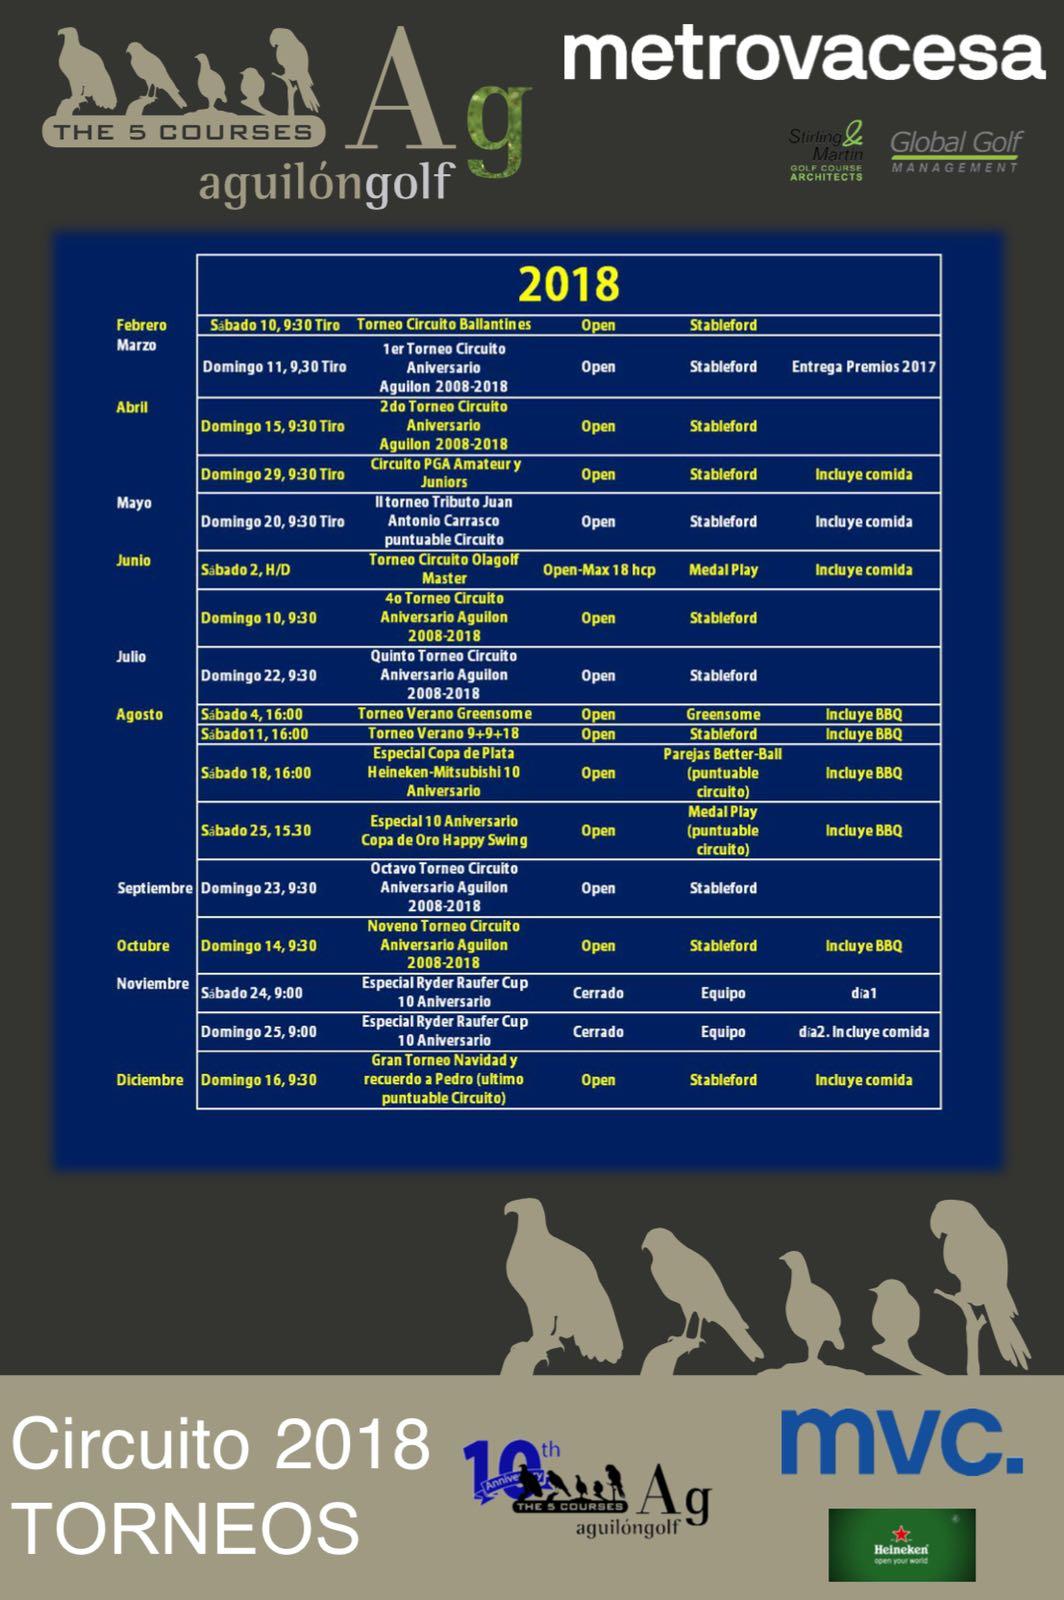 180311 AGU, Calendario del circuito